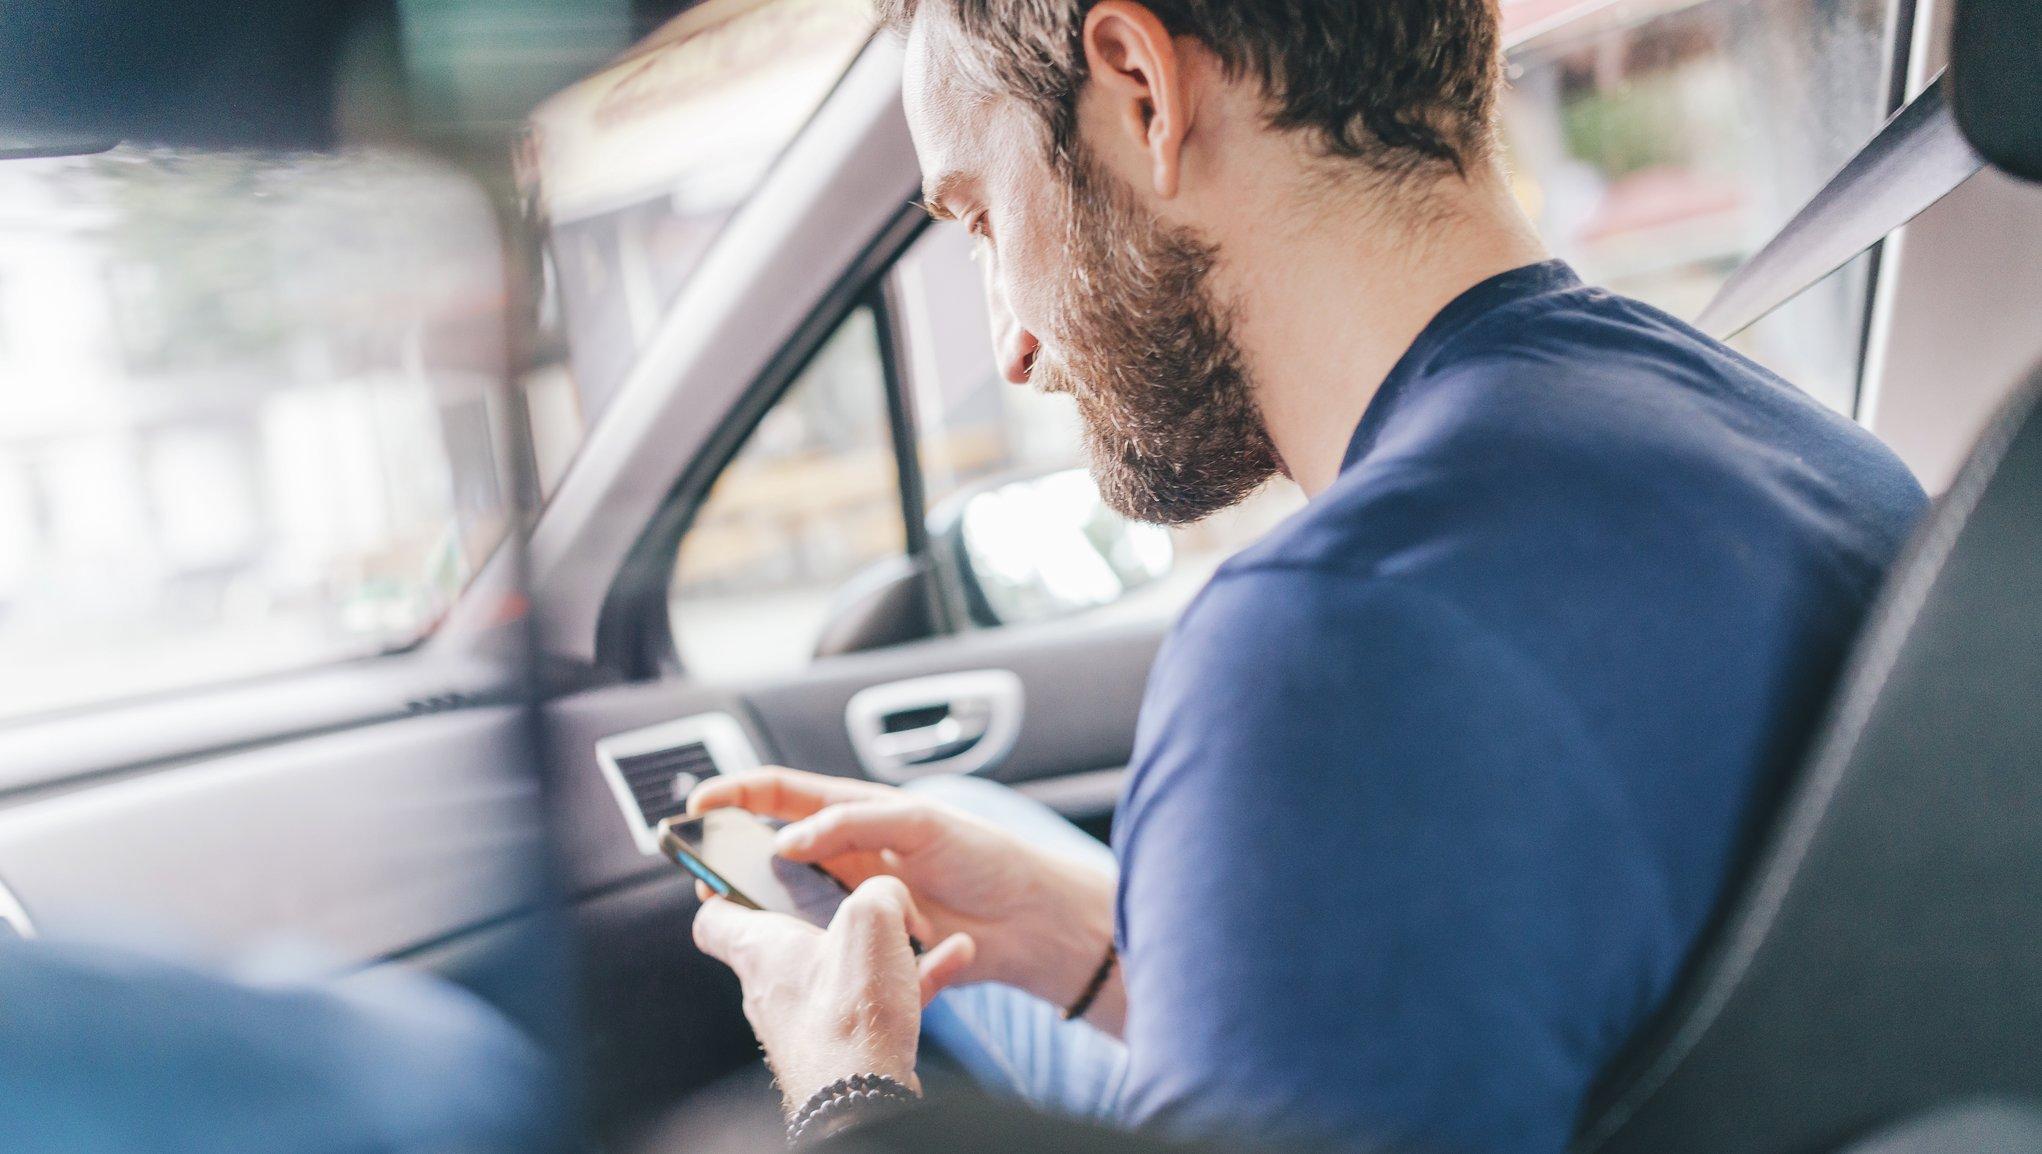 Mann ser på mobilen mens han sitter i bil